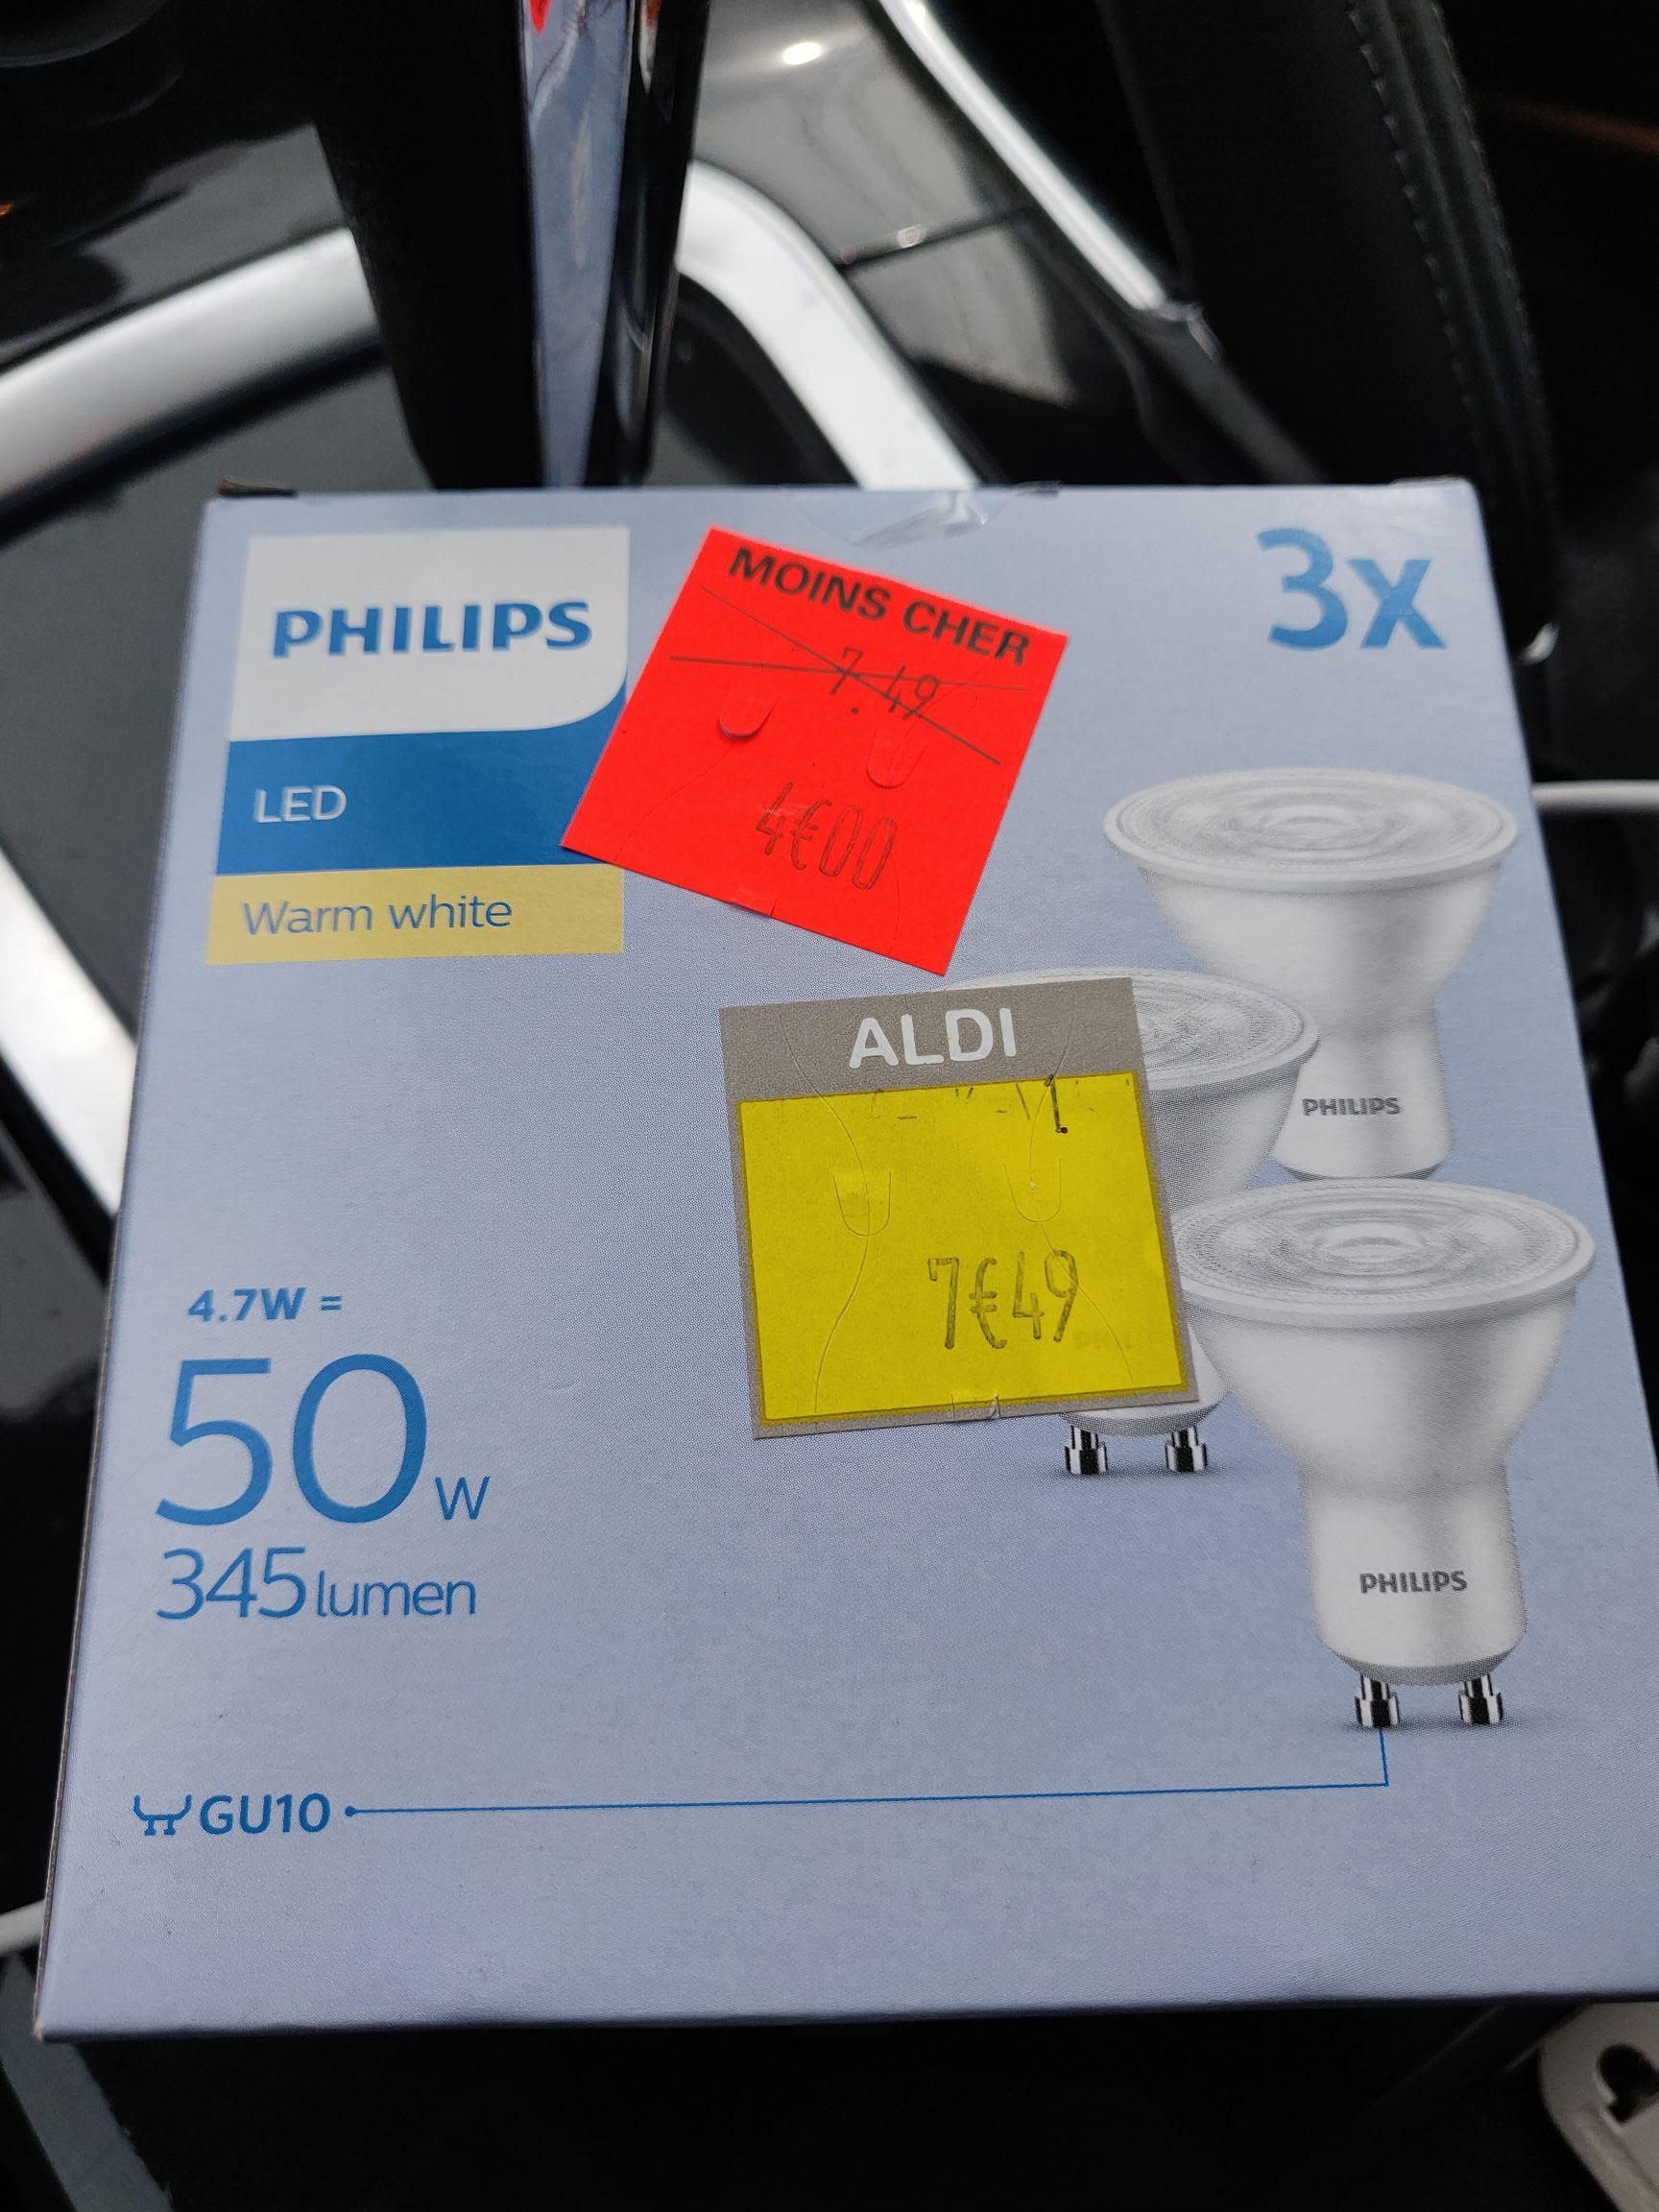 Lot de 3 ampoules LED Philips - GU10, 5.7 W (Aldi Pierres 28 / 78 / 91)